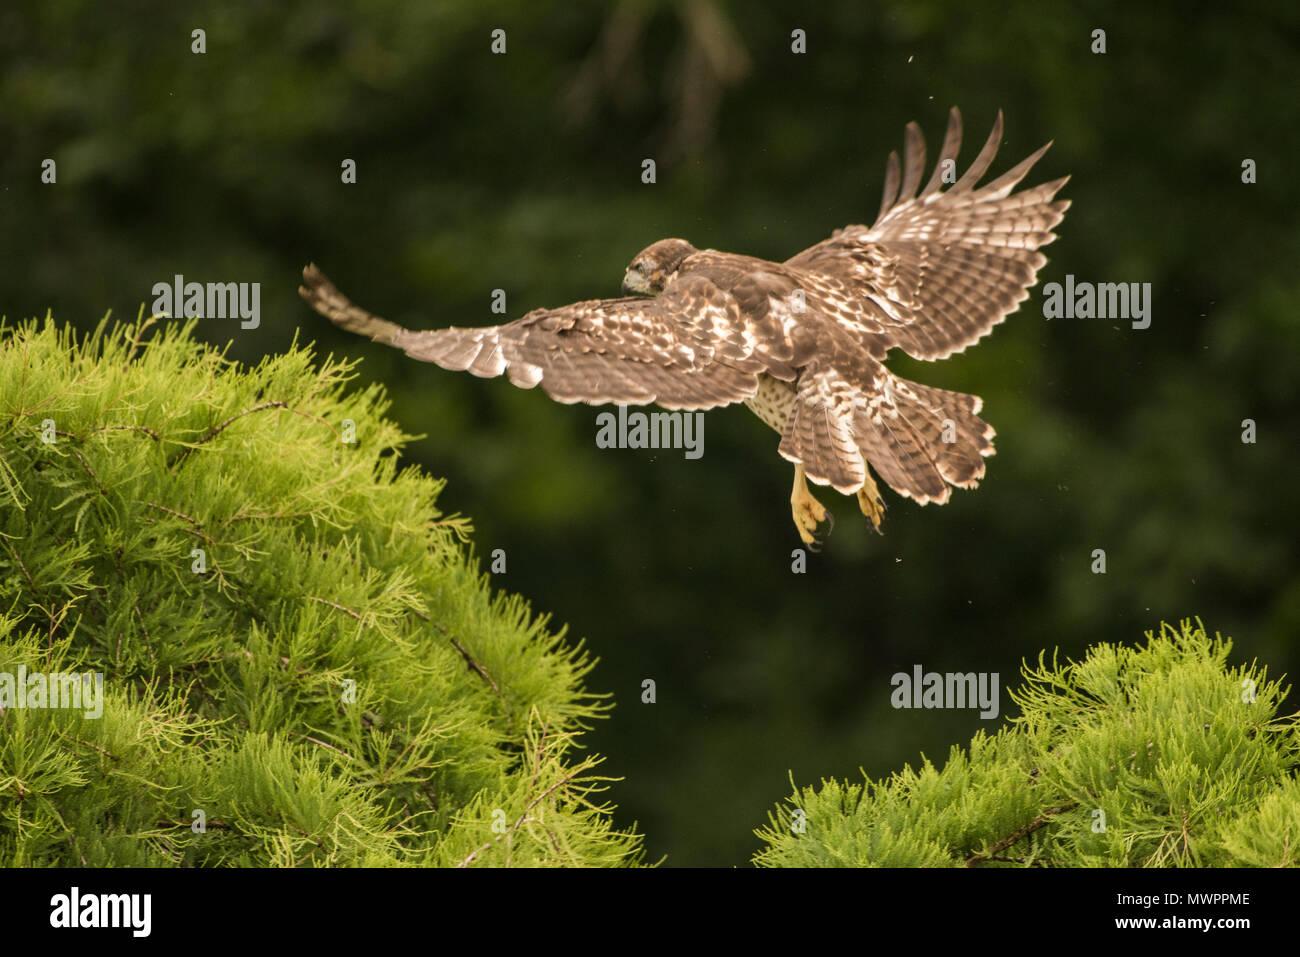 Un jeune cerf rouge (Buteo jamaicensis) tient son tout premier vol, c'était un court voyage mais indéniablement voler. Photo Stock